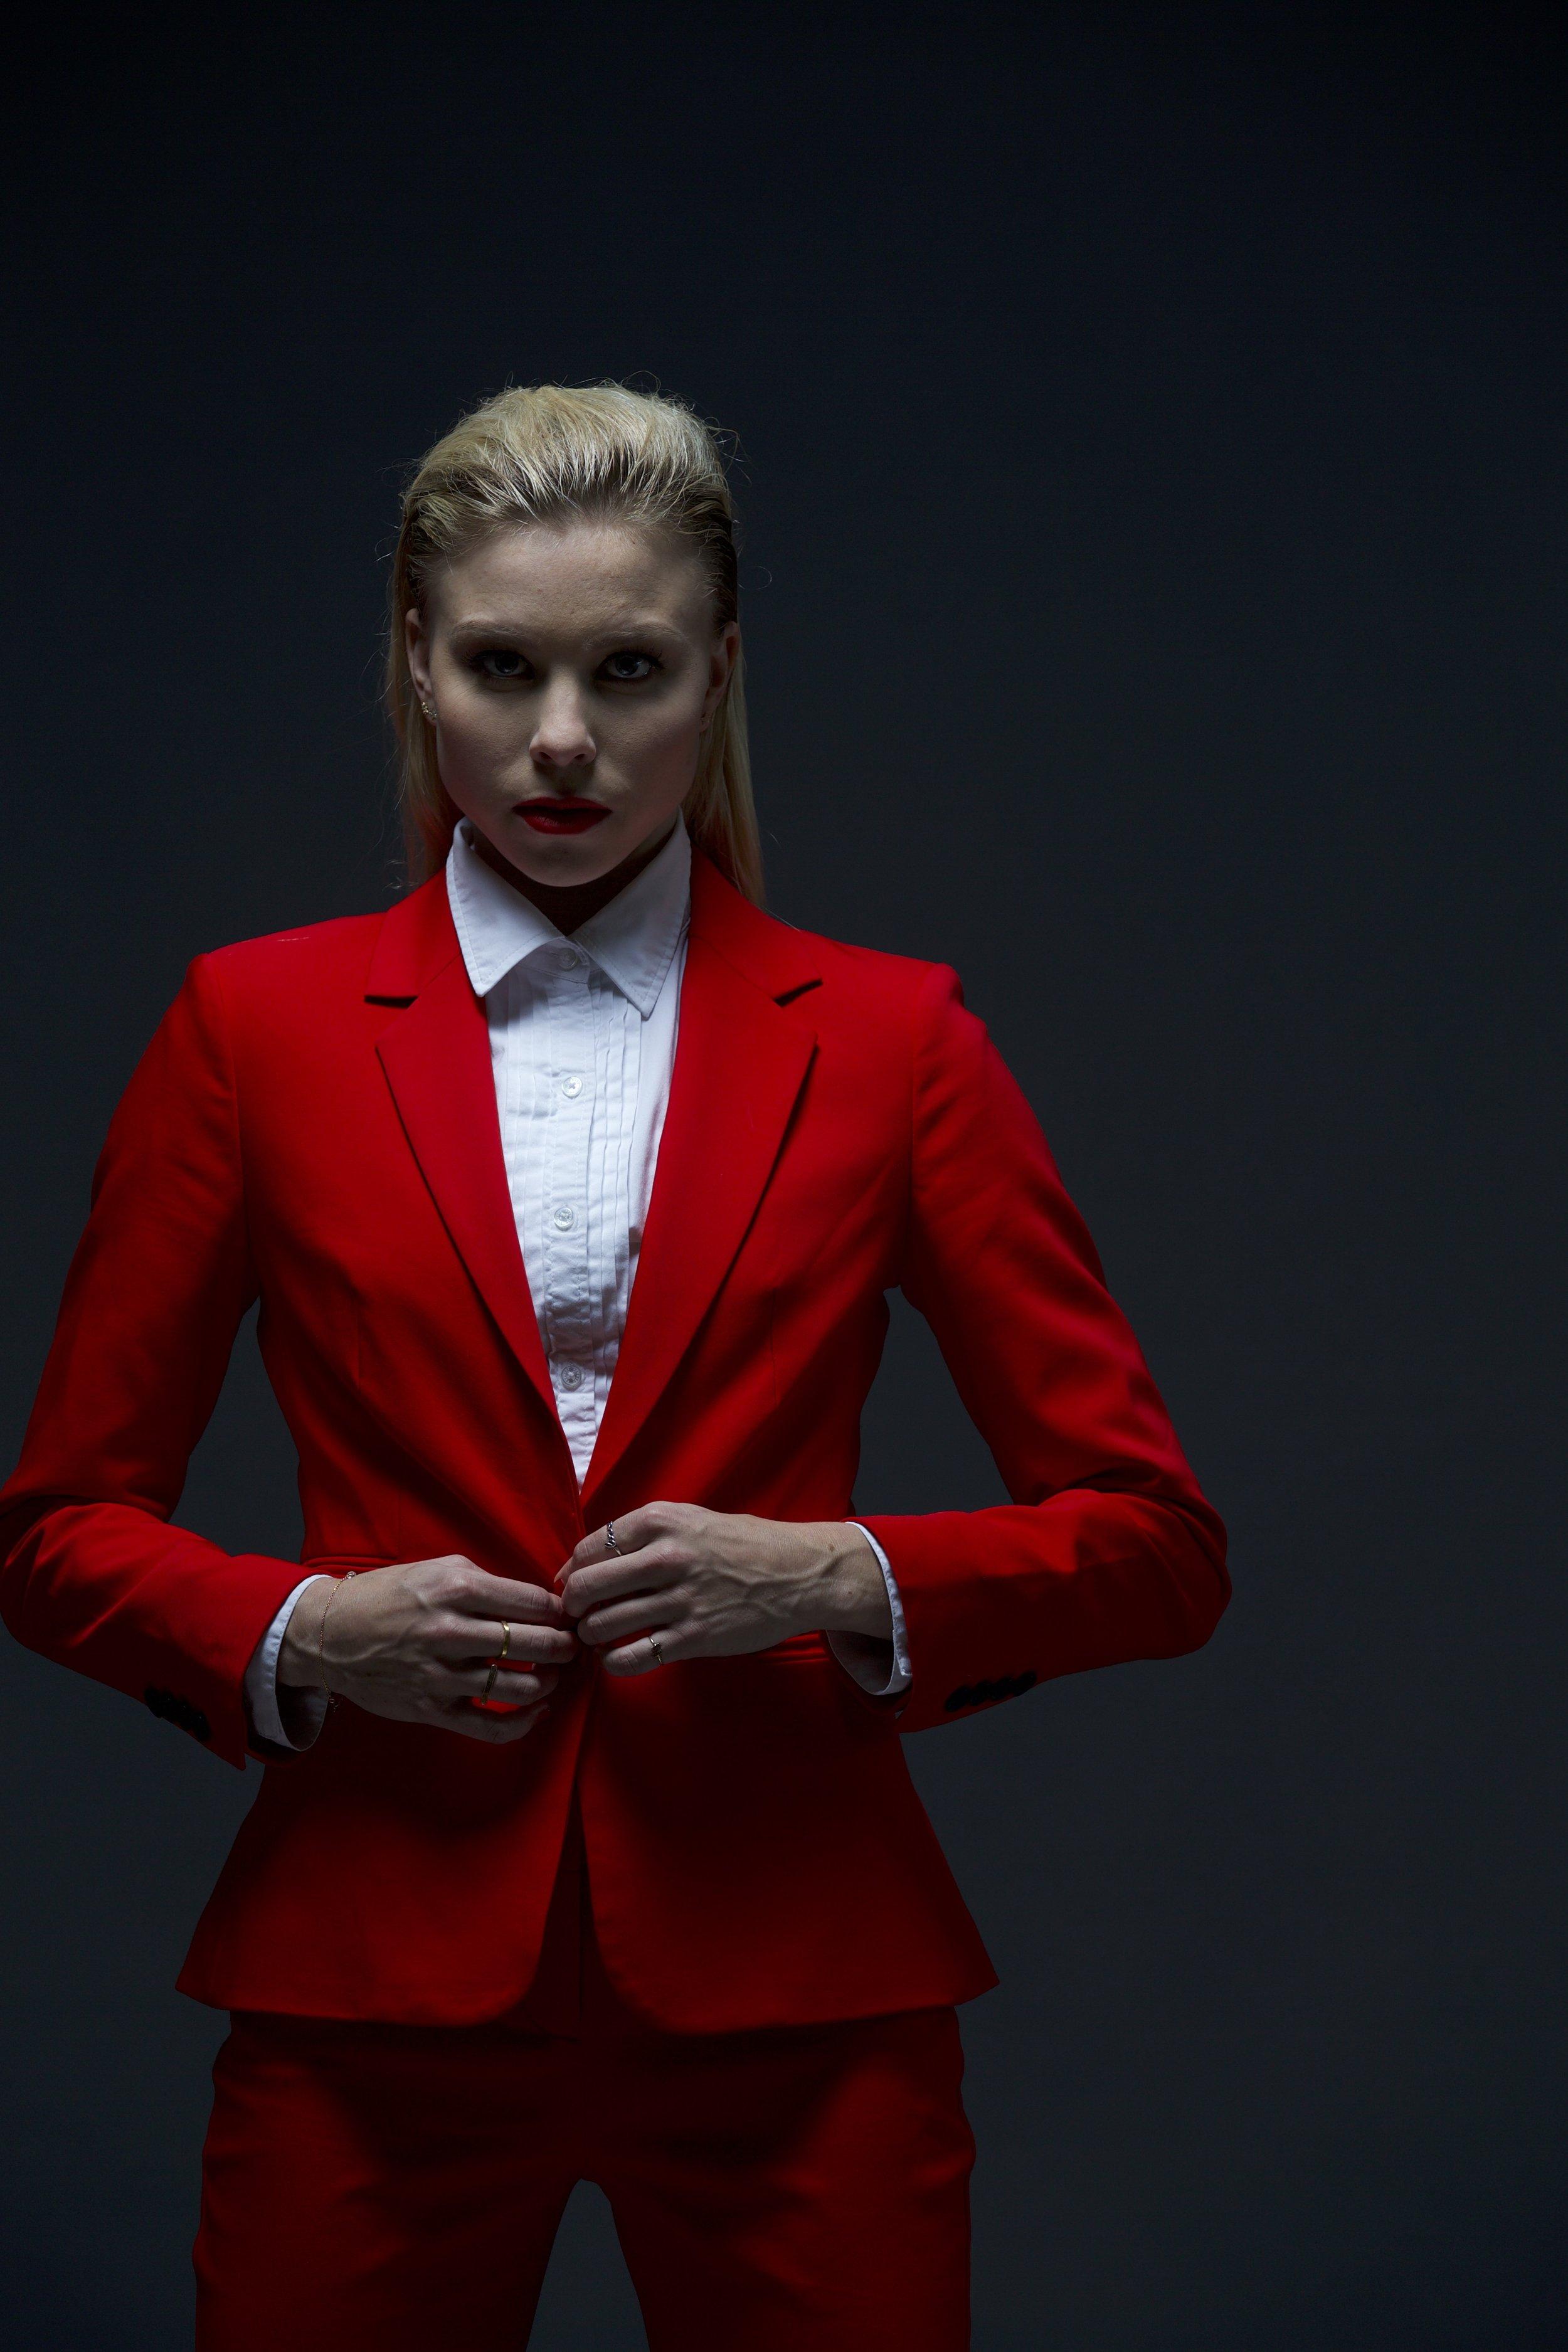 red suit.jpg